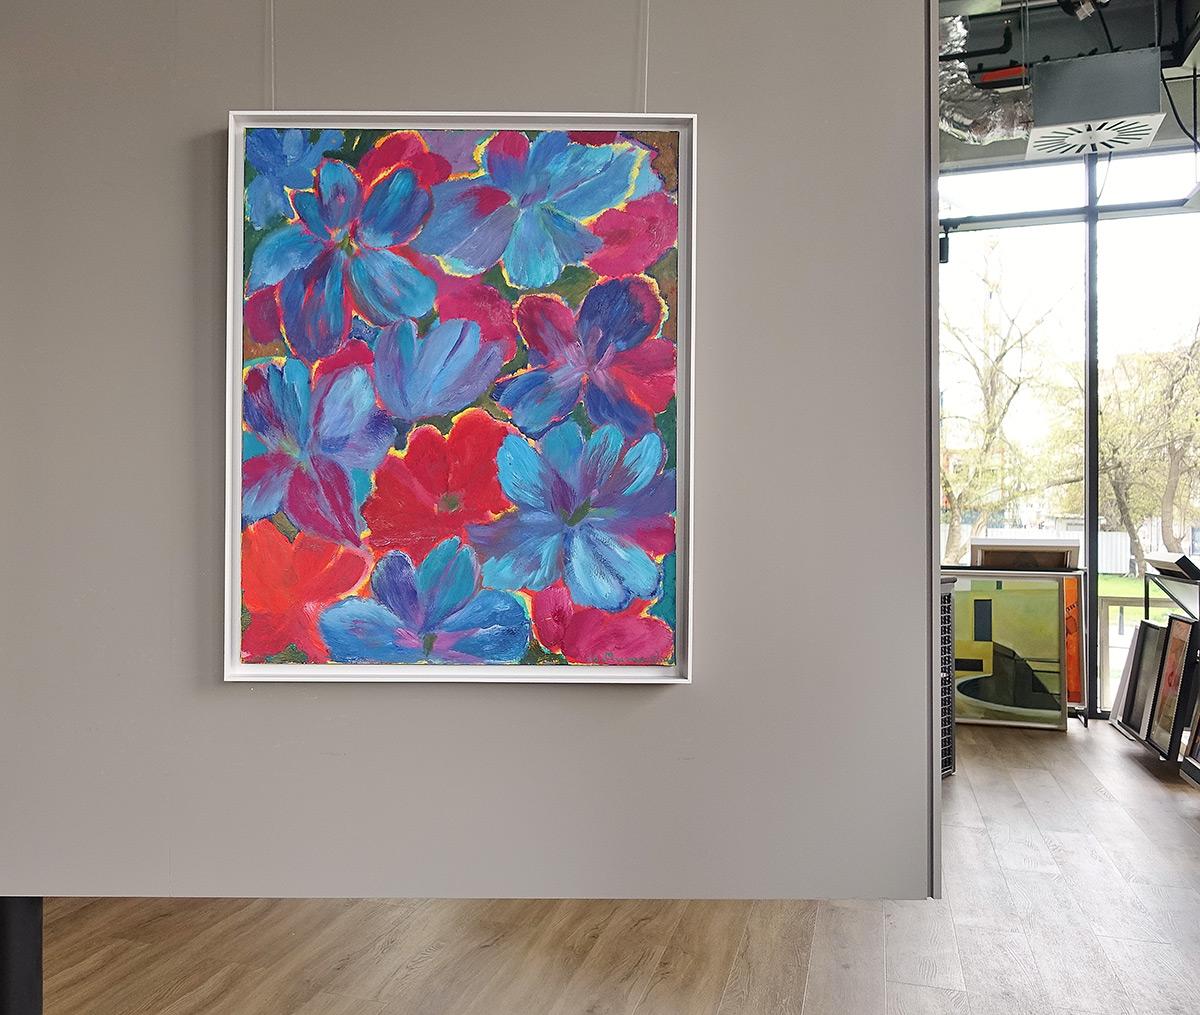 Beata Murawska : Blooming joy